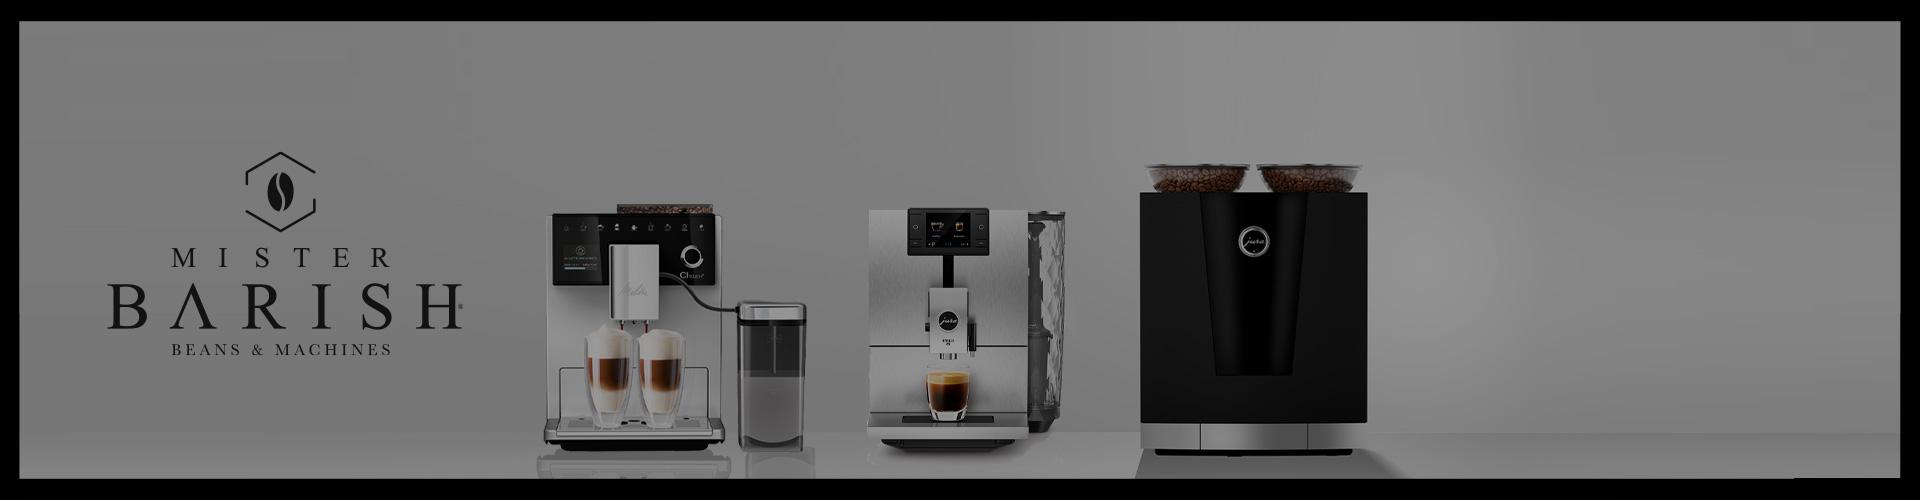 Beste volautomatische koffiemachines 2021